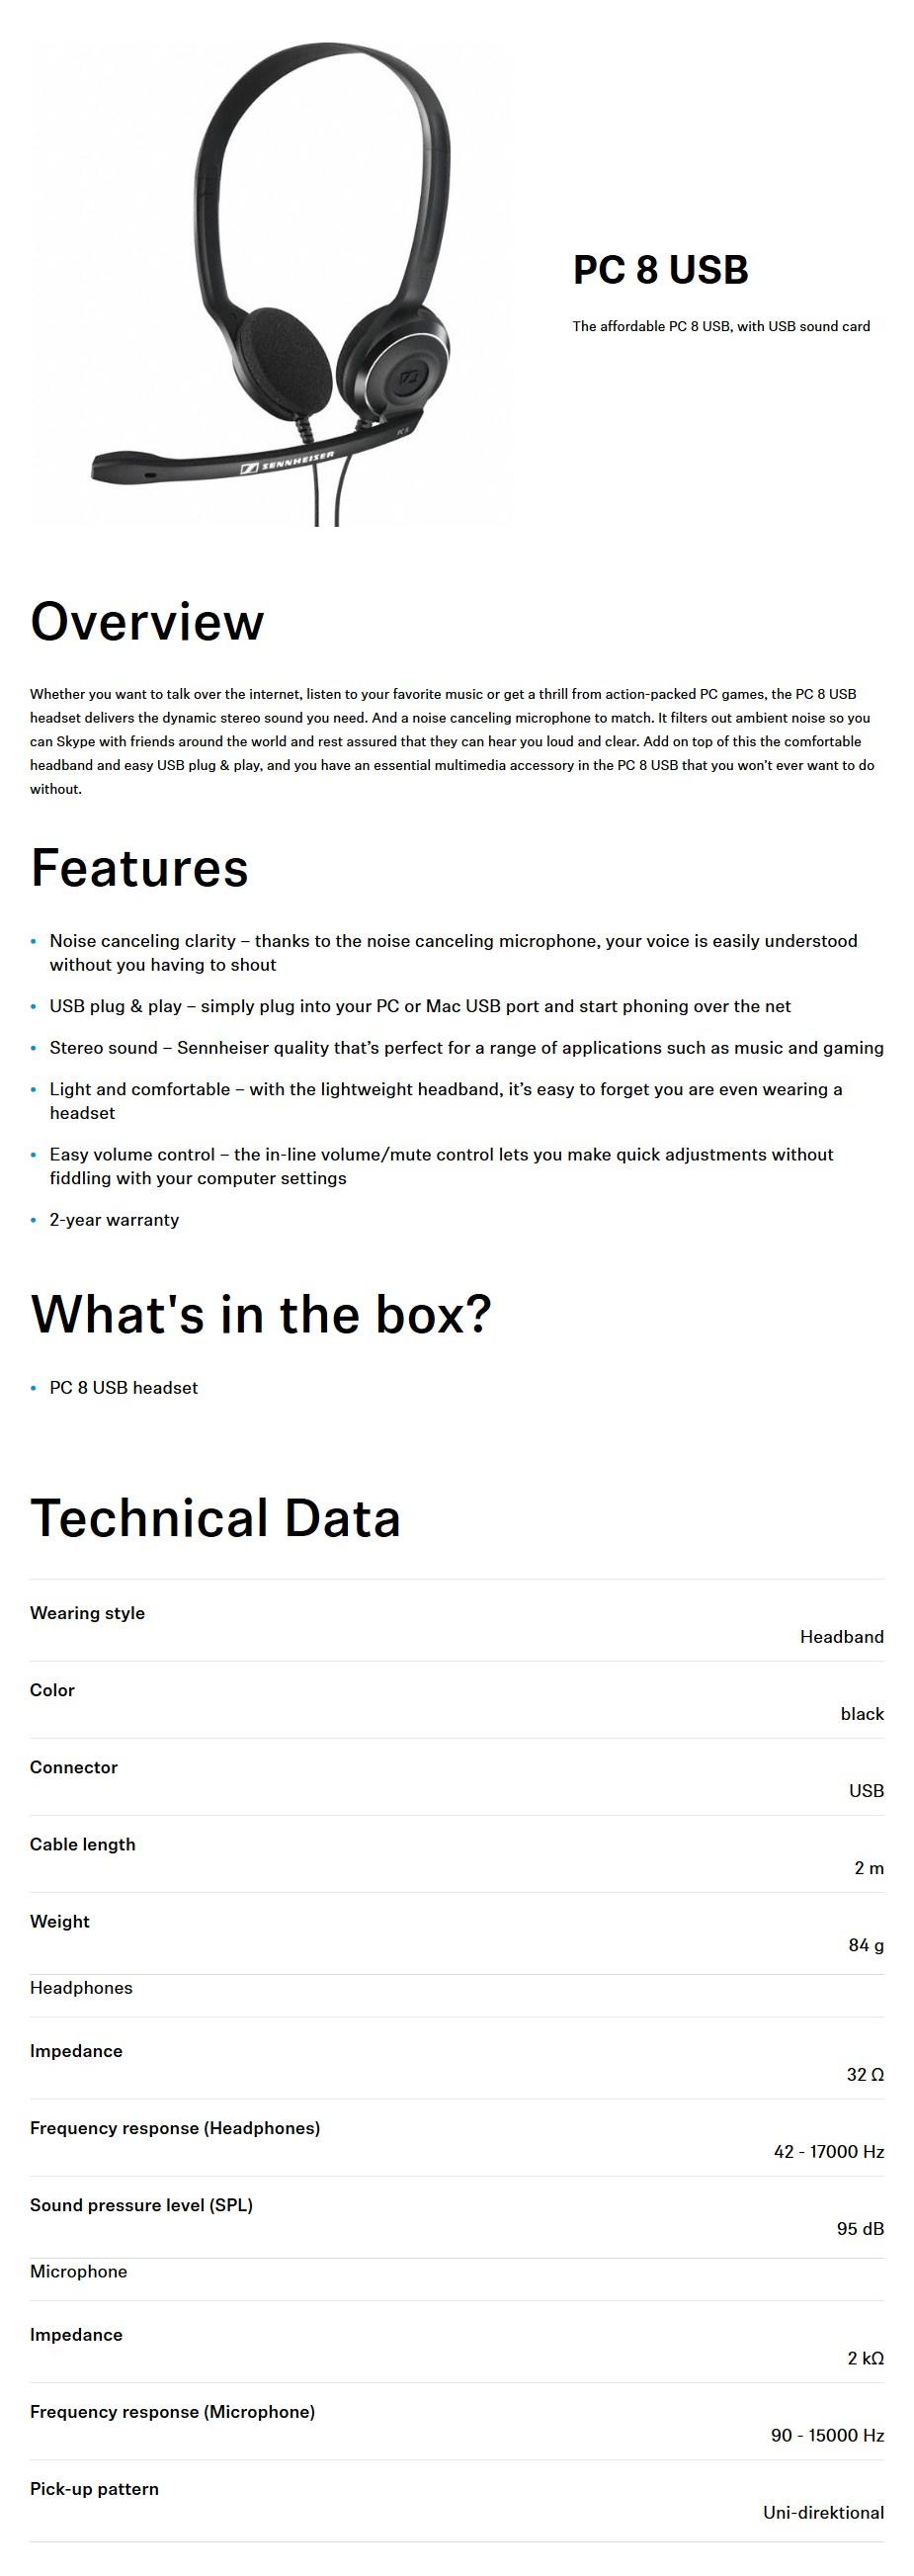 Sennheiser PC 8 USB Stereo Headset - Desktop Overview 1